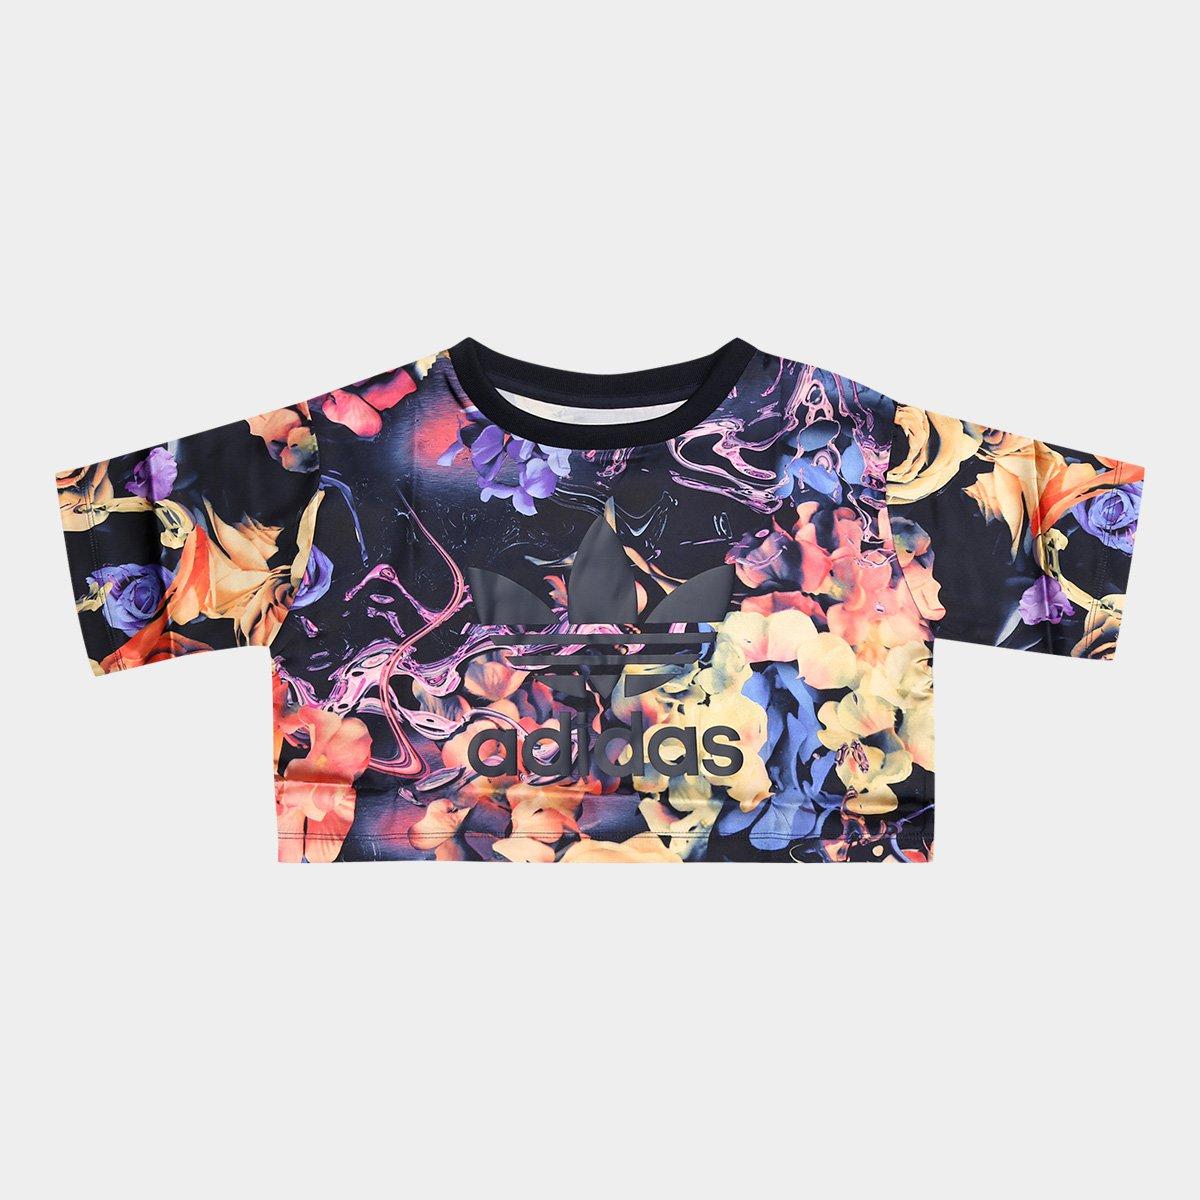 707a263263b Camiseta Infantil Adidas Rose J Feminina - Compre Agora